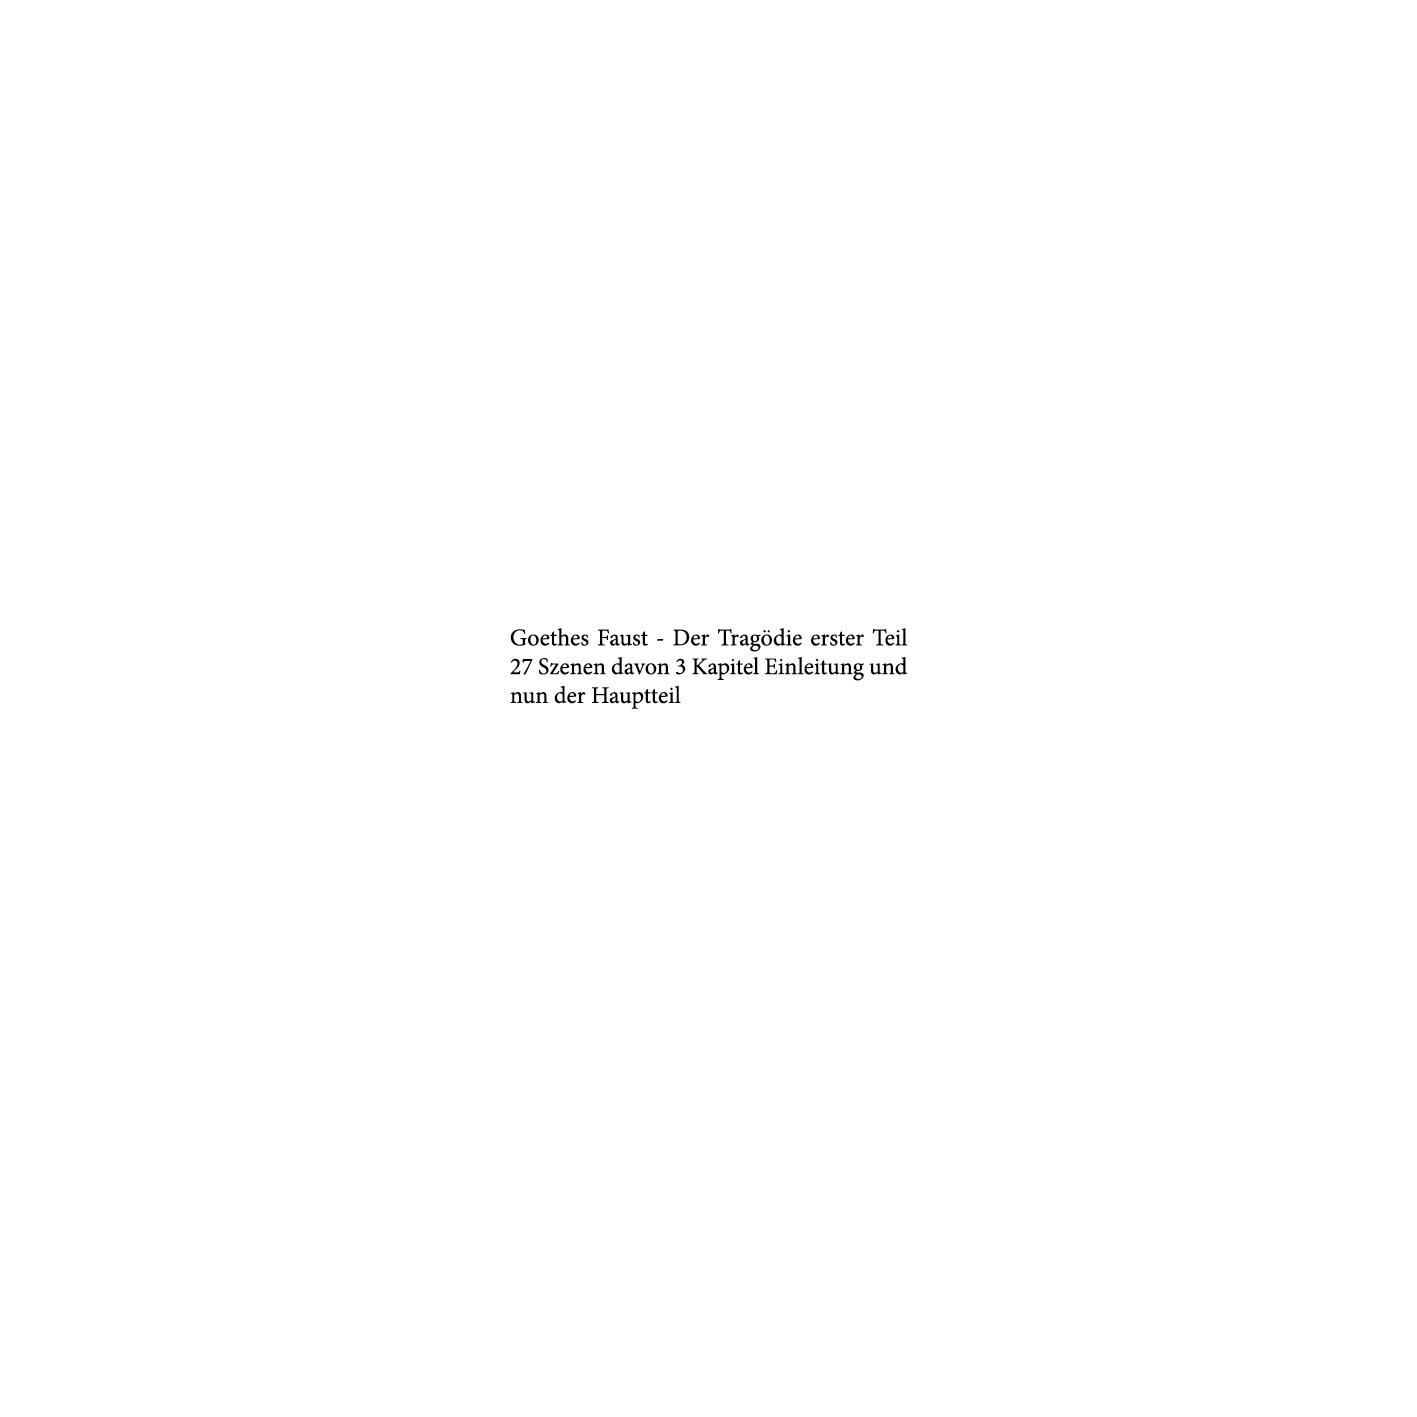 Faustisches Quadrat - Kap Einl_u_Hauptteil einzel4